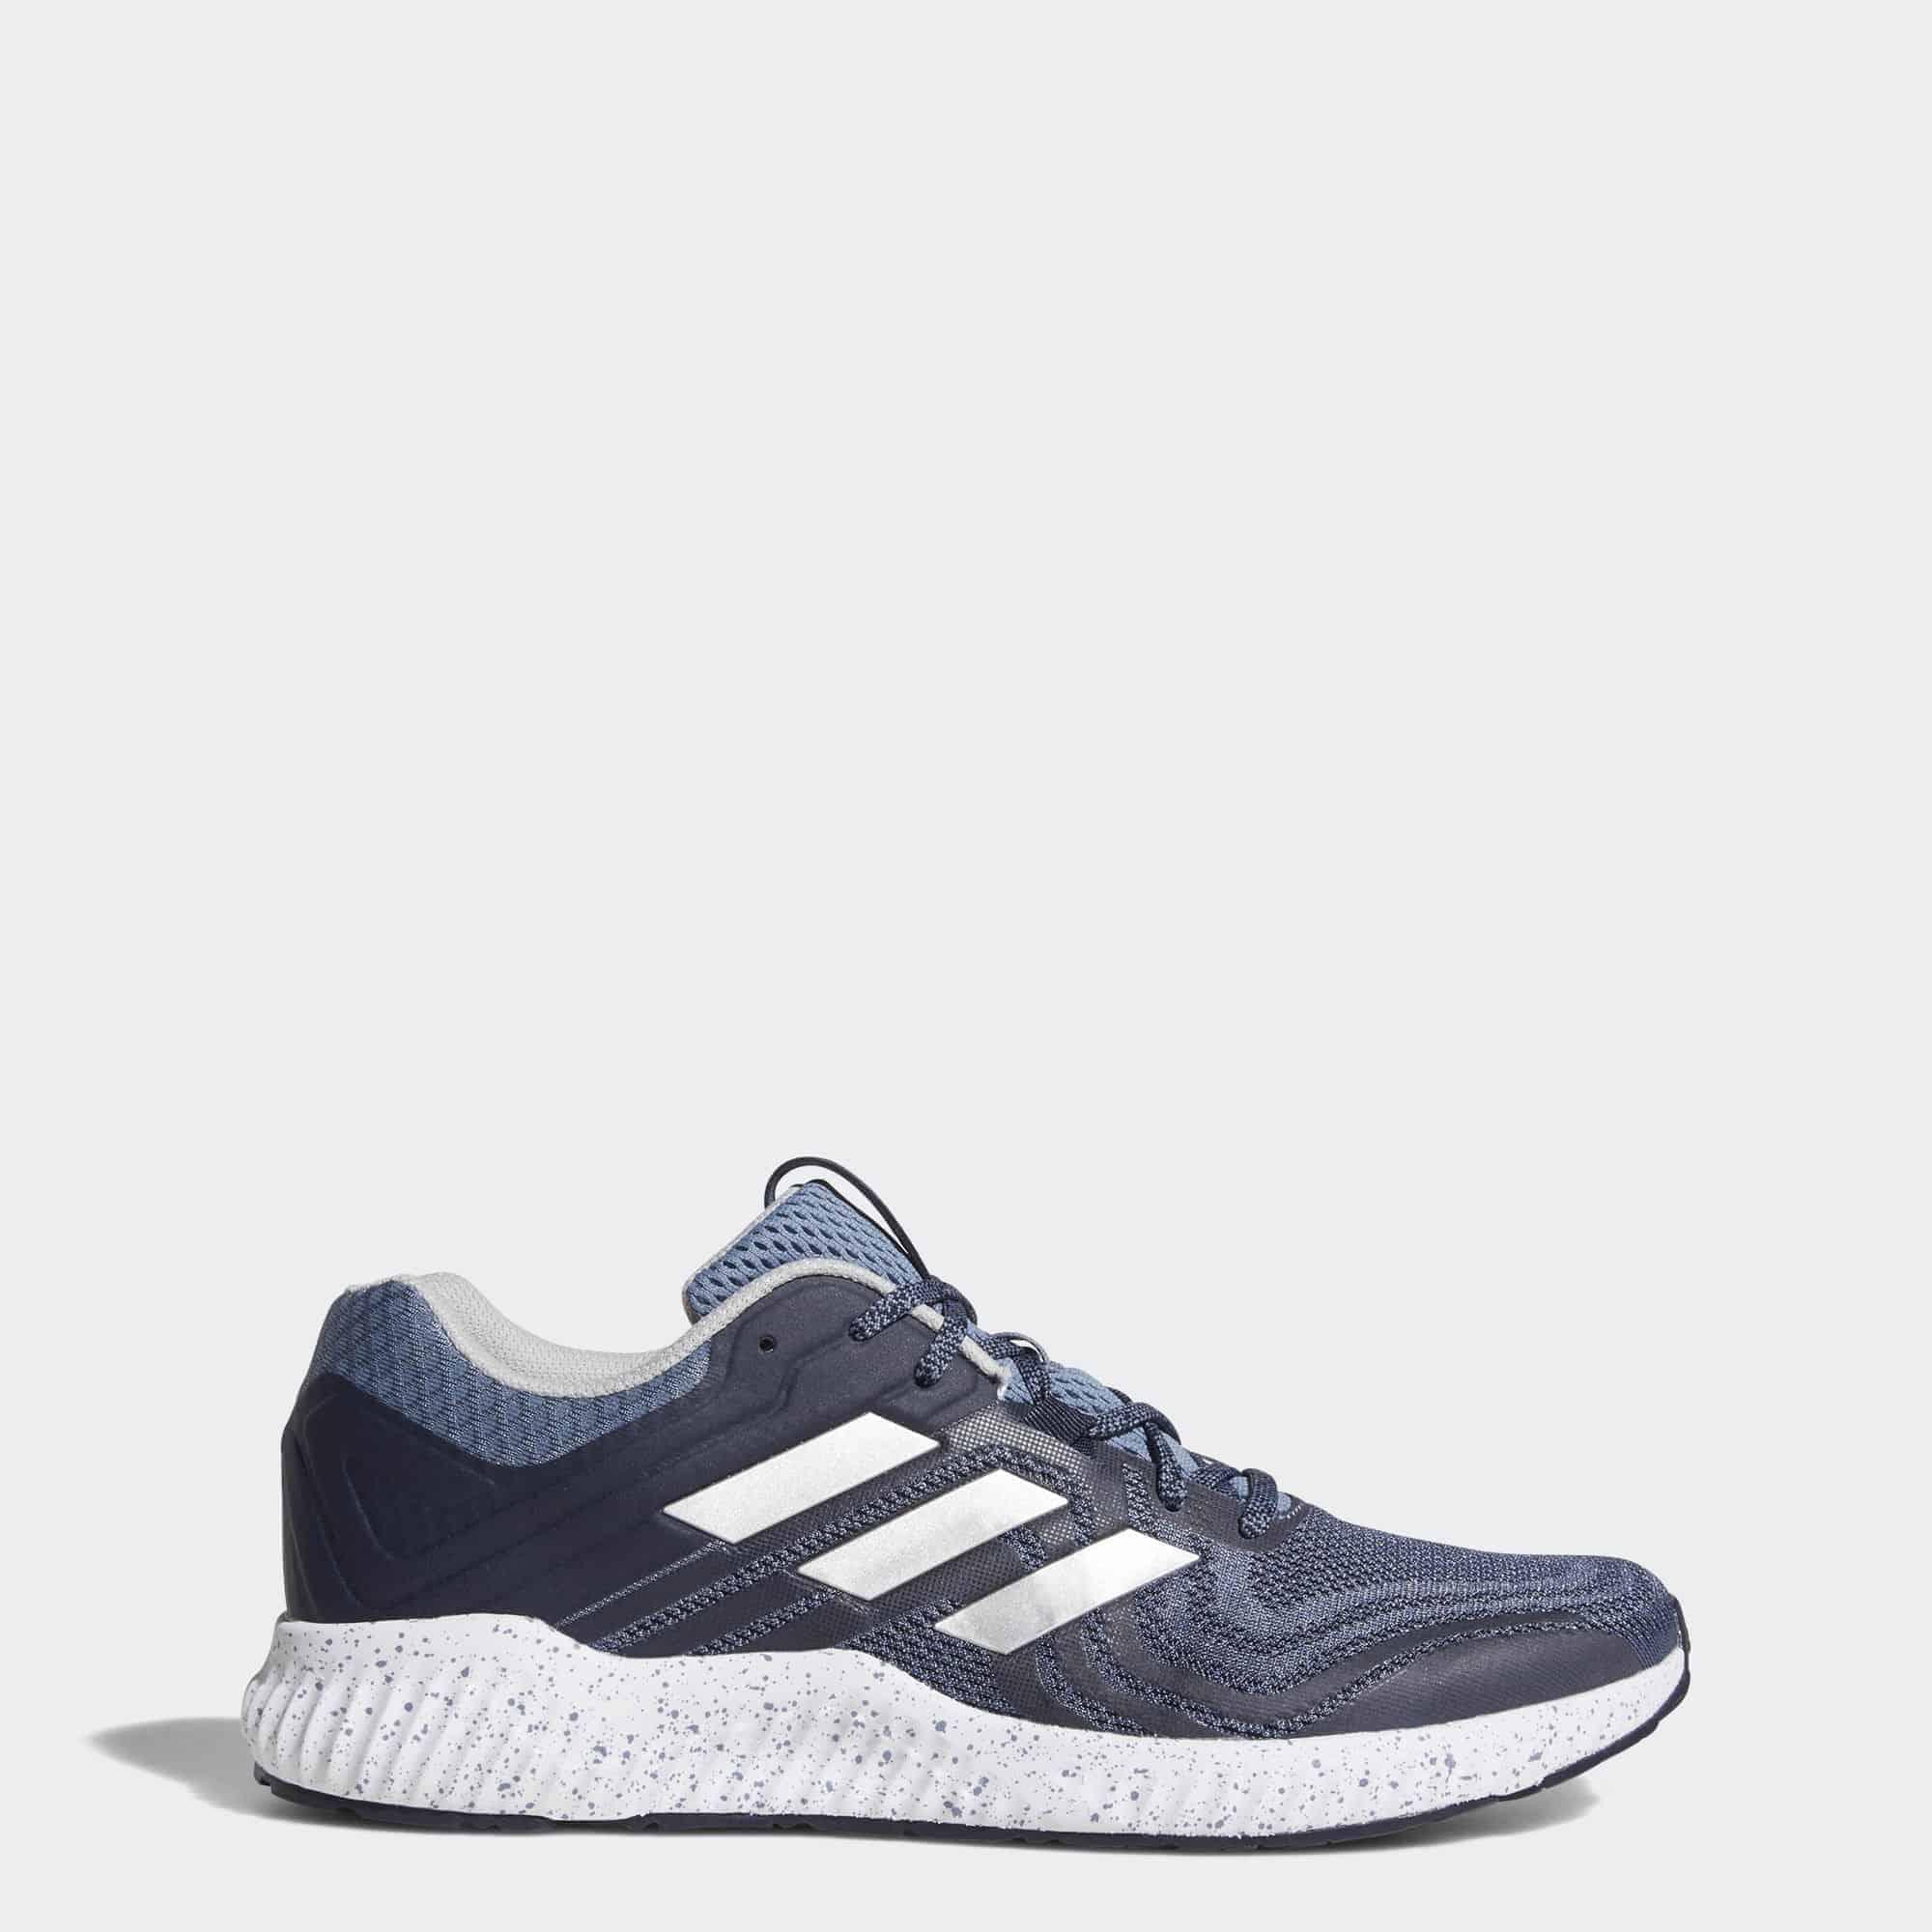 Кроссовки для бега Adidas Aerobounce ST 2 мужские